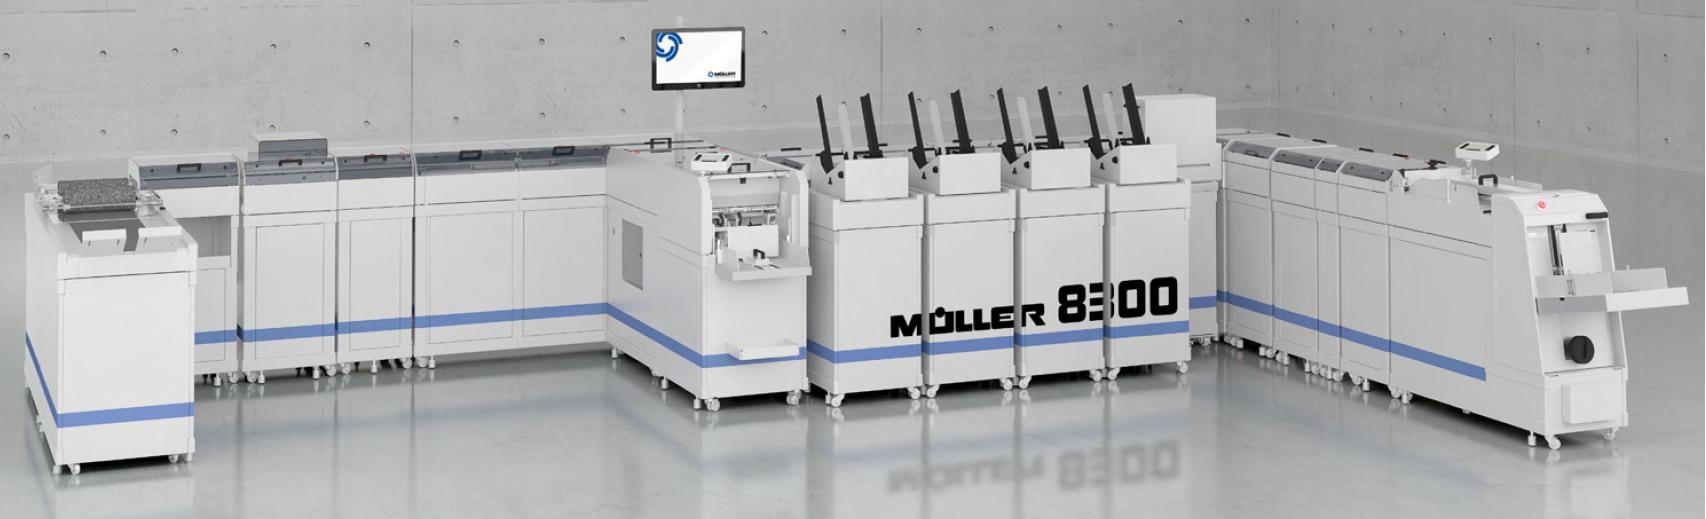 Мюллер 8300